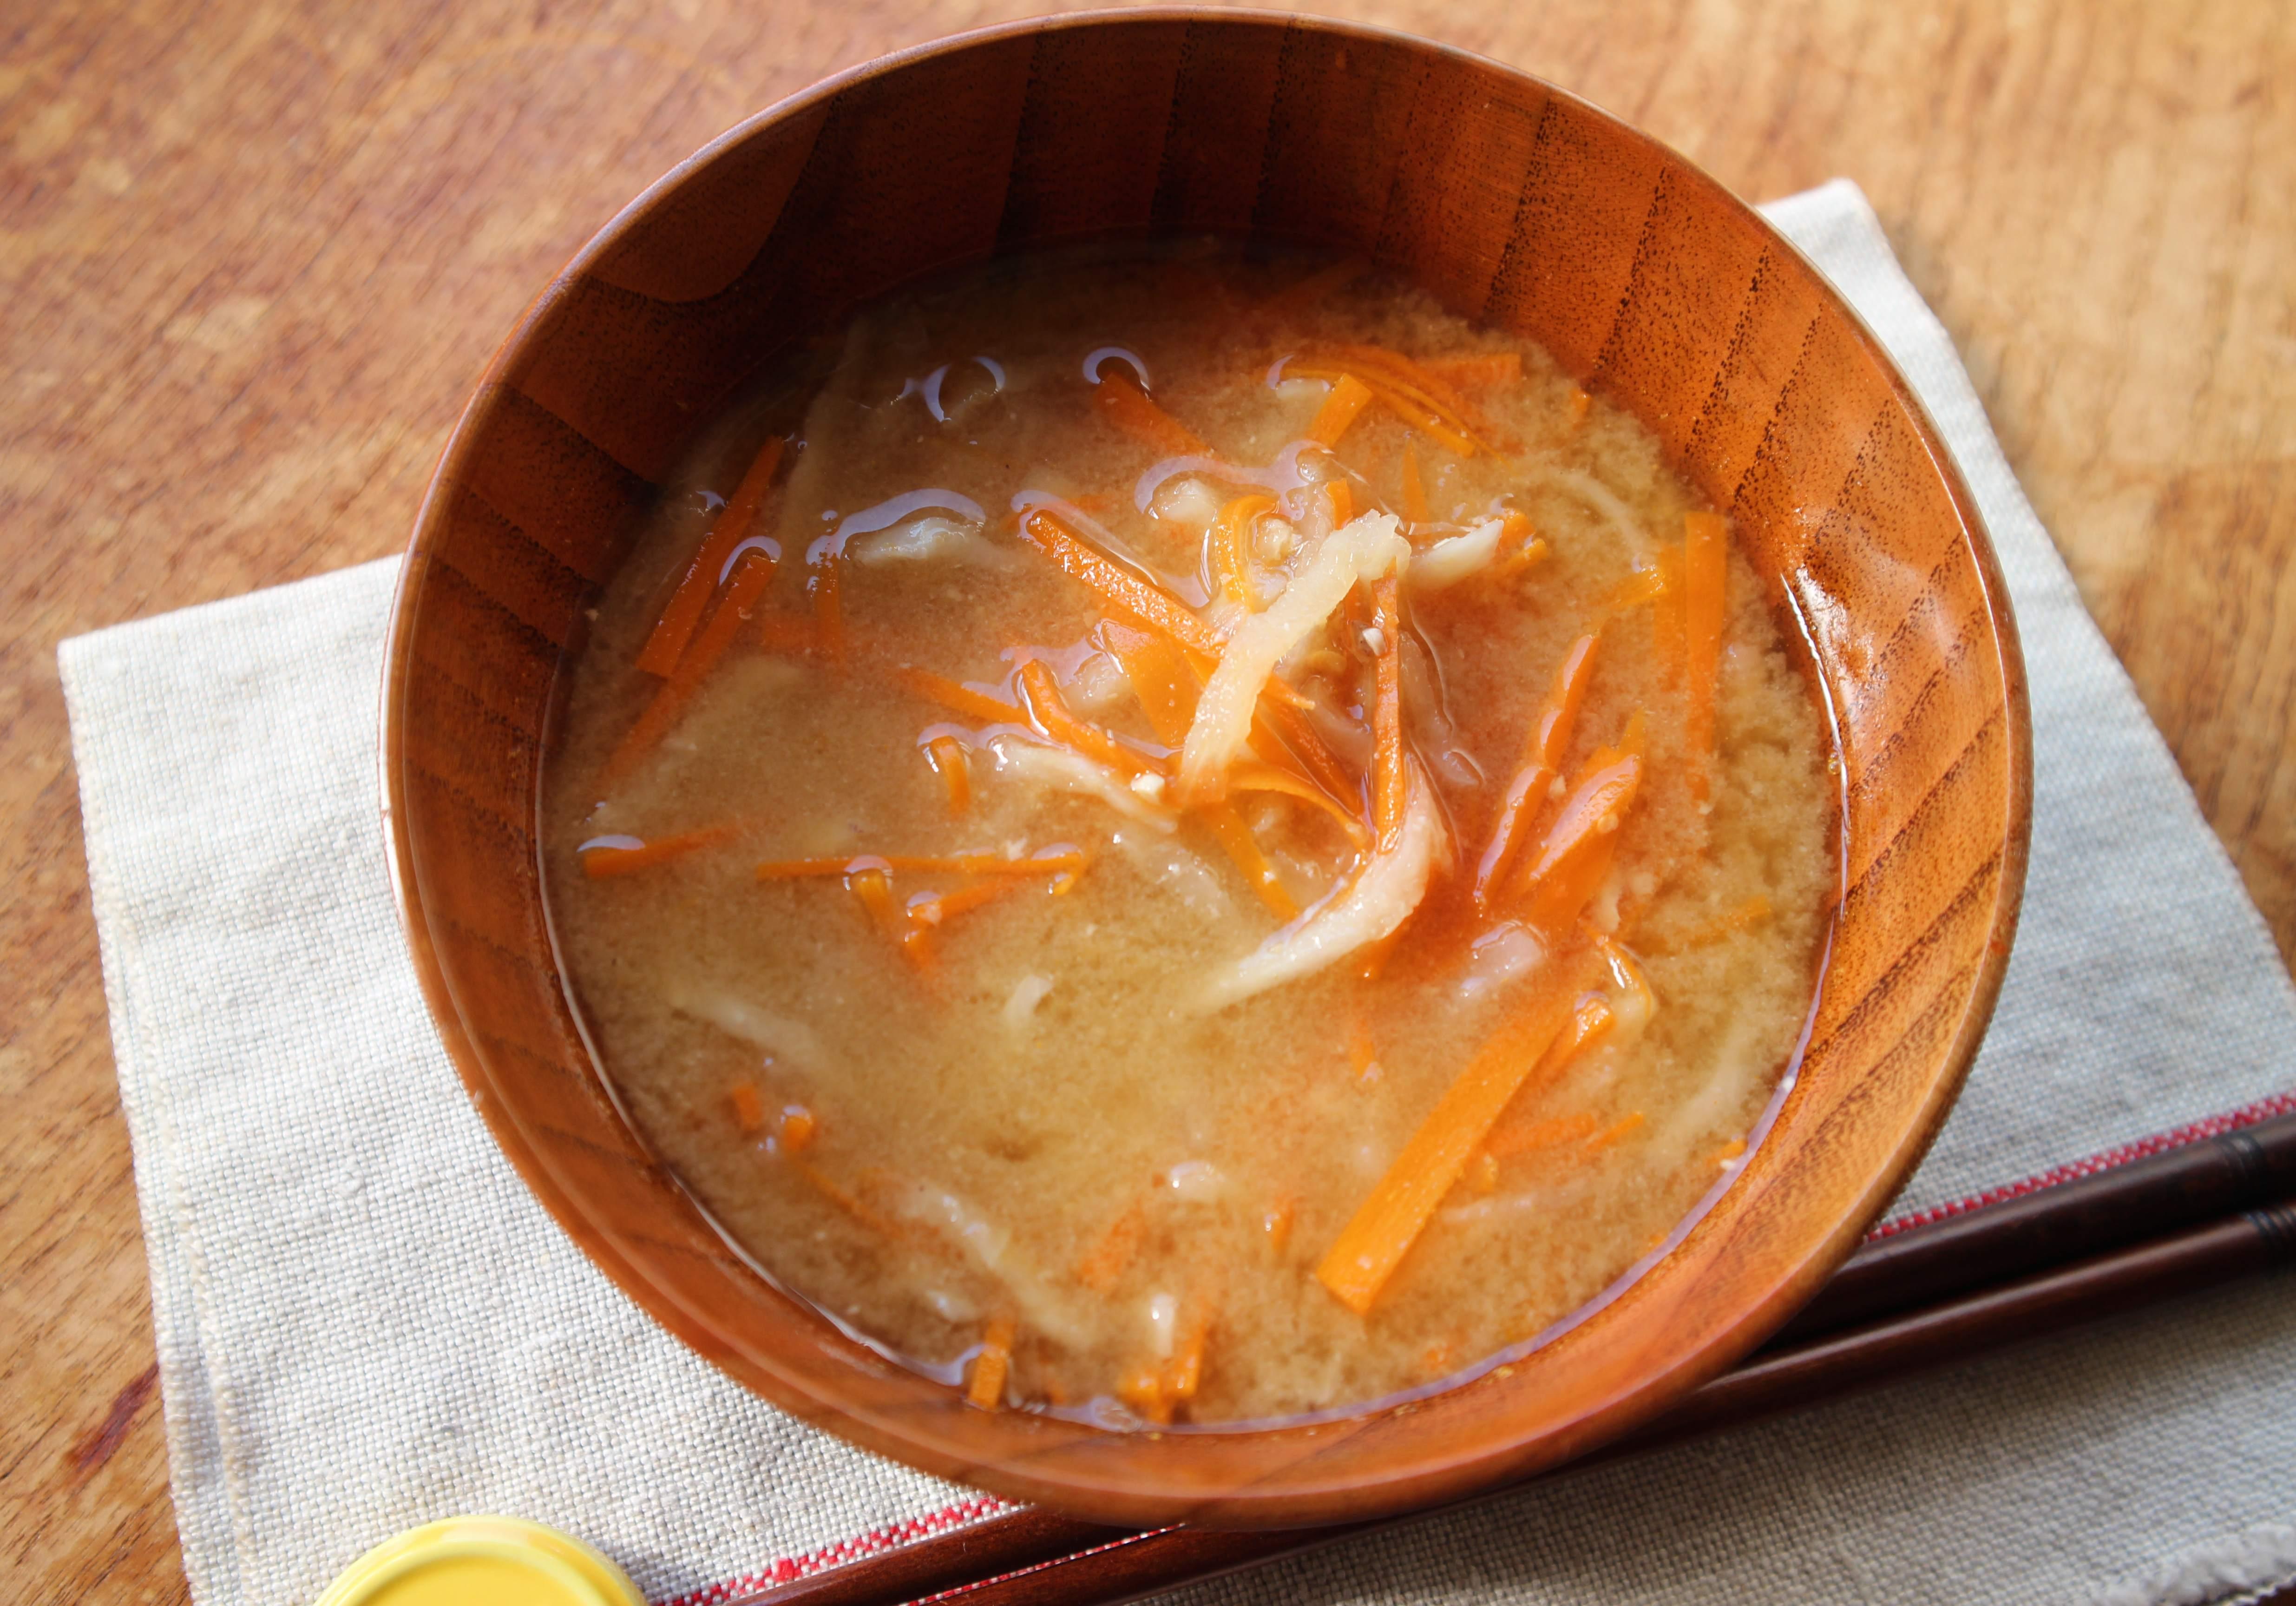 野菜出汁を試してみよう!切り干し大根と人参のお味噌汁